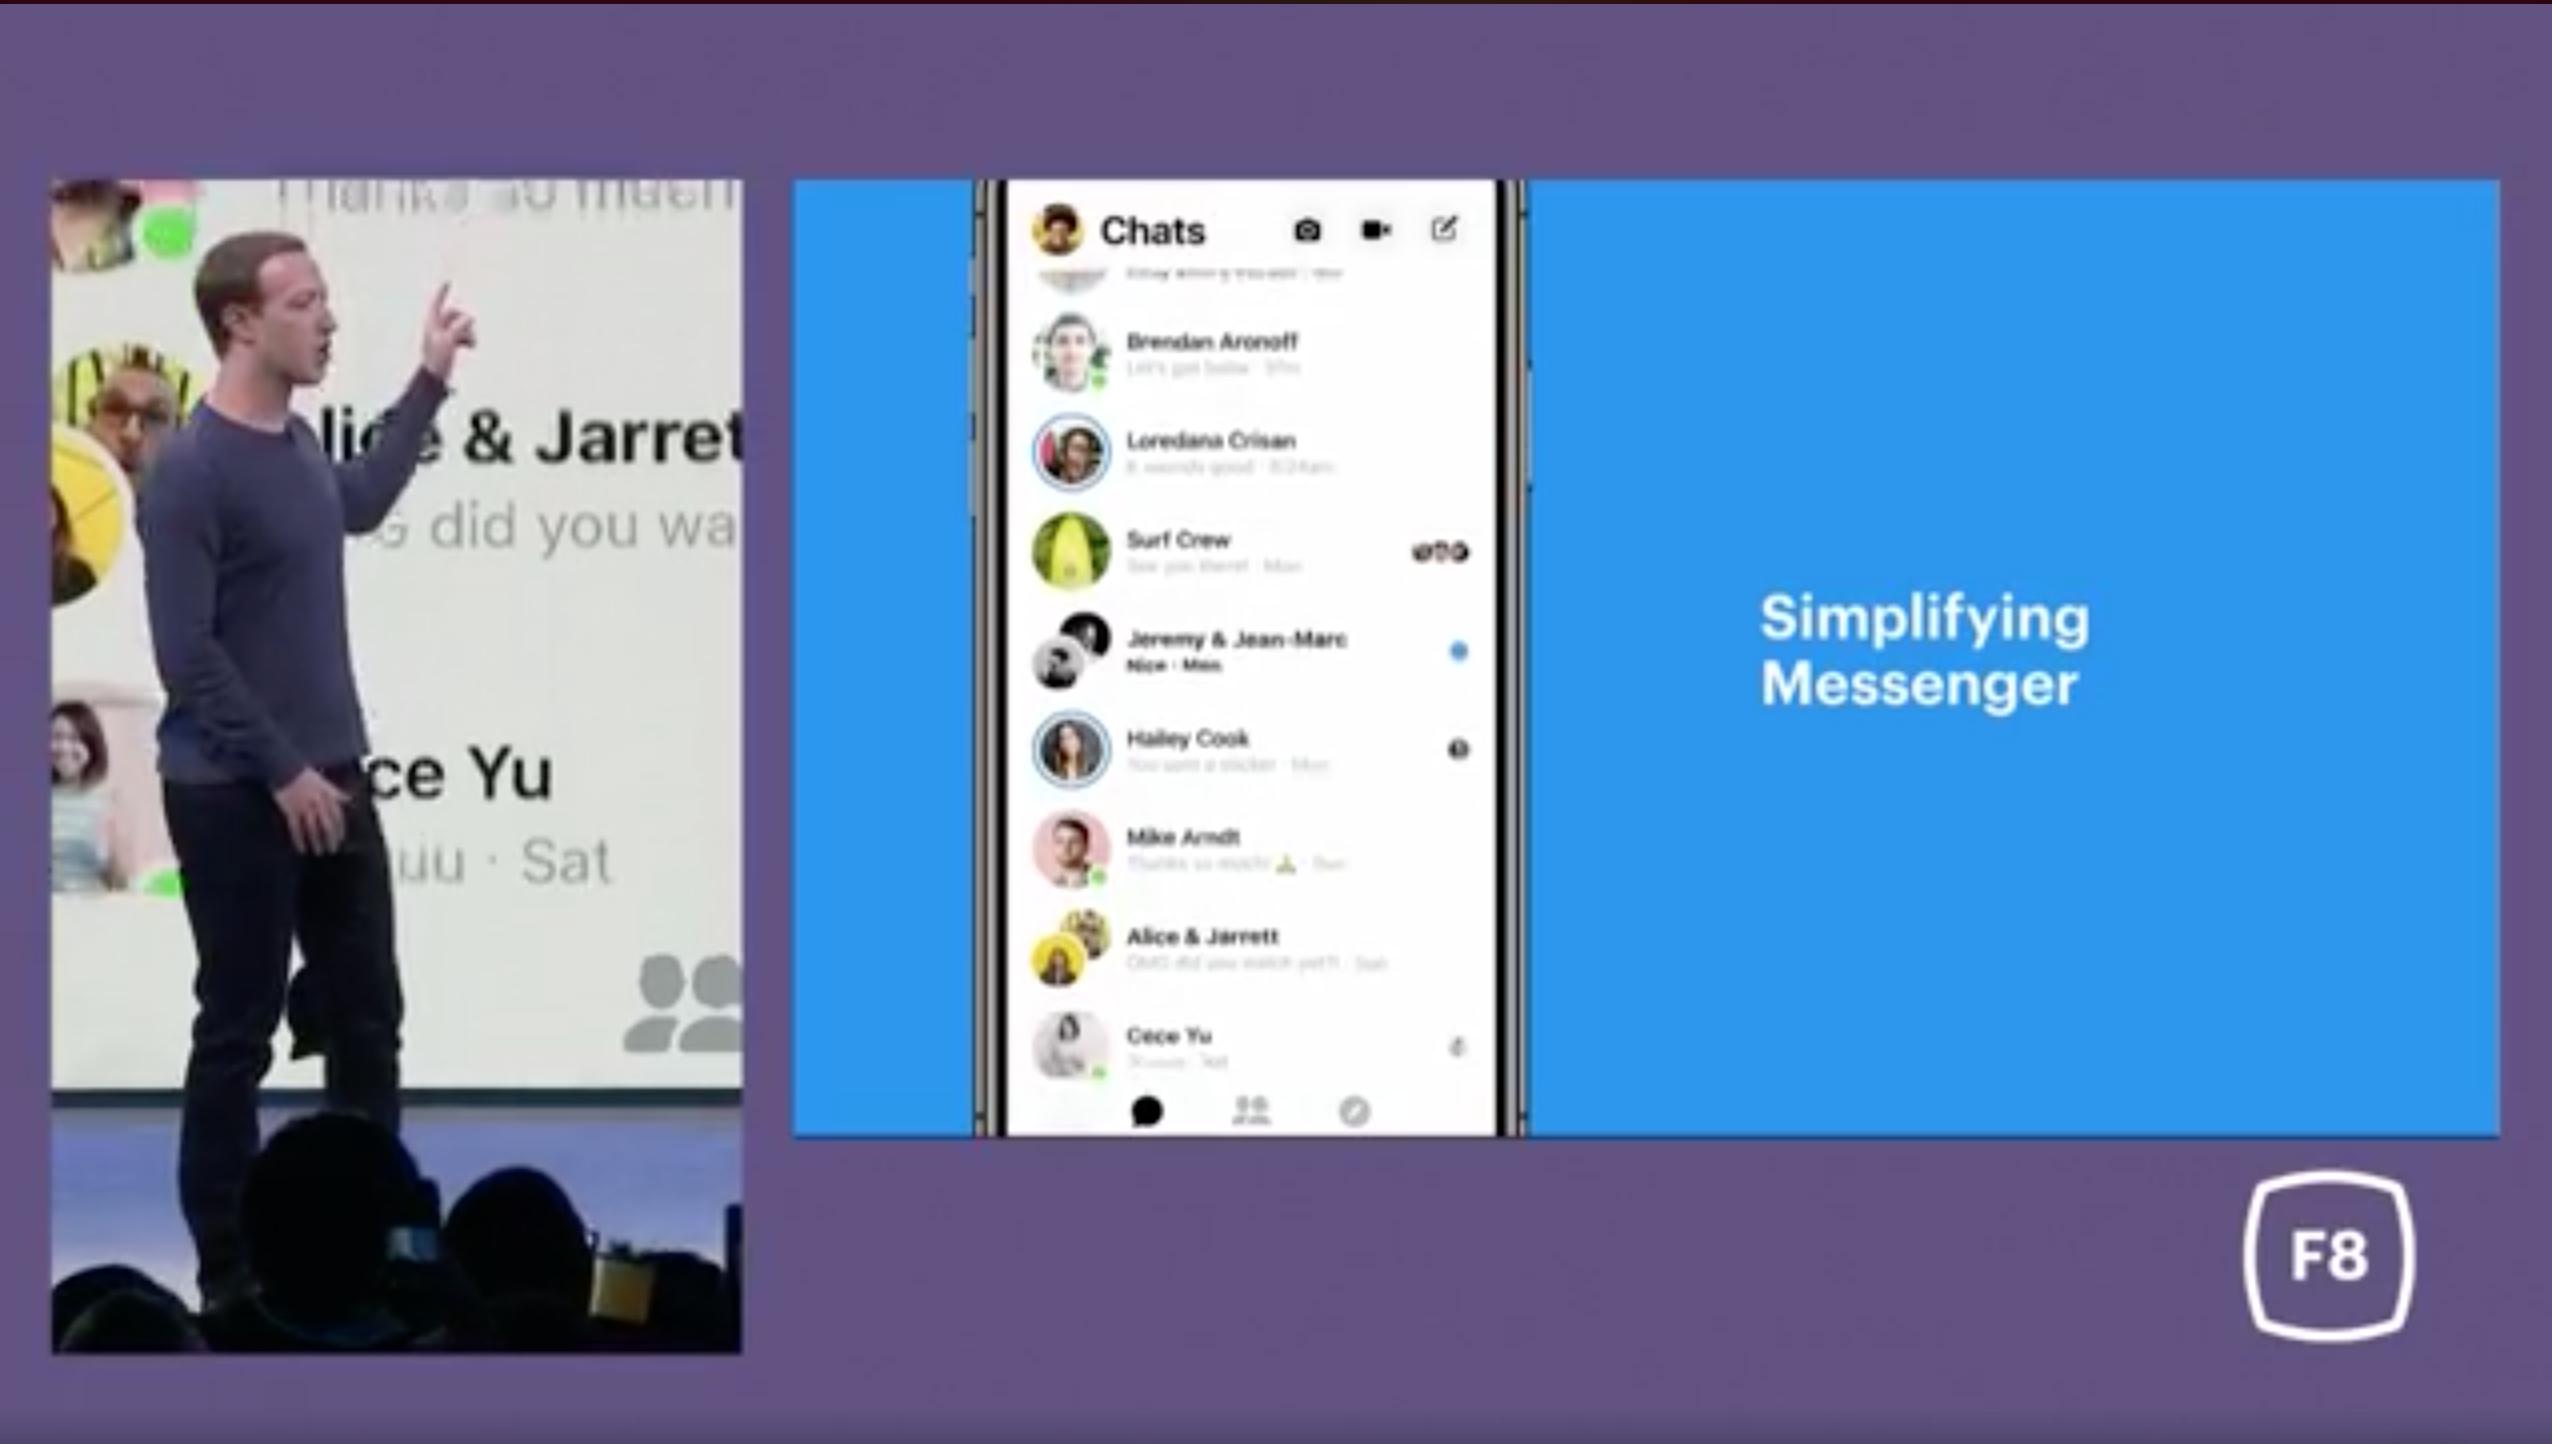 Simplifying Messenger